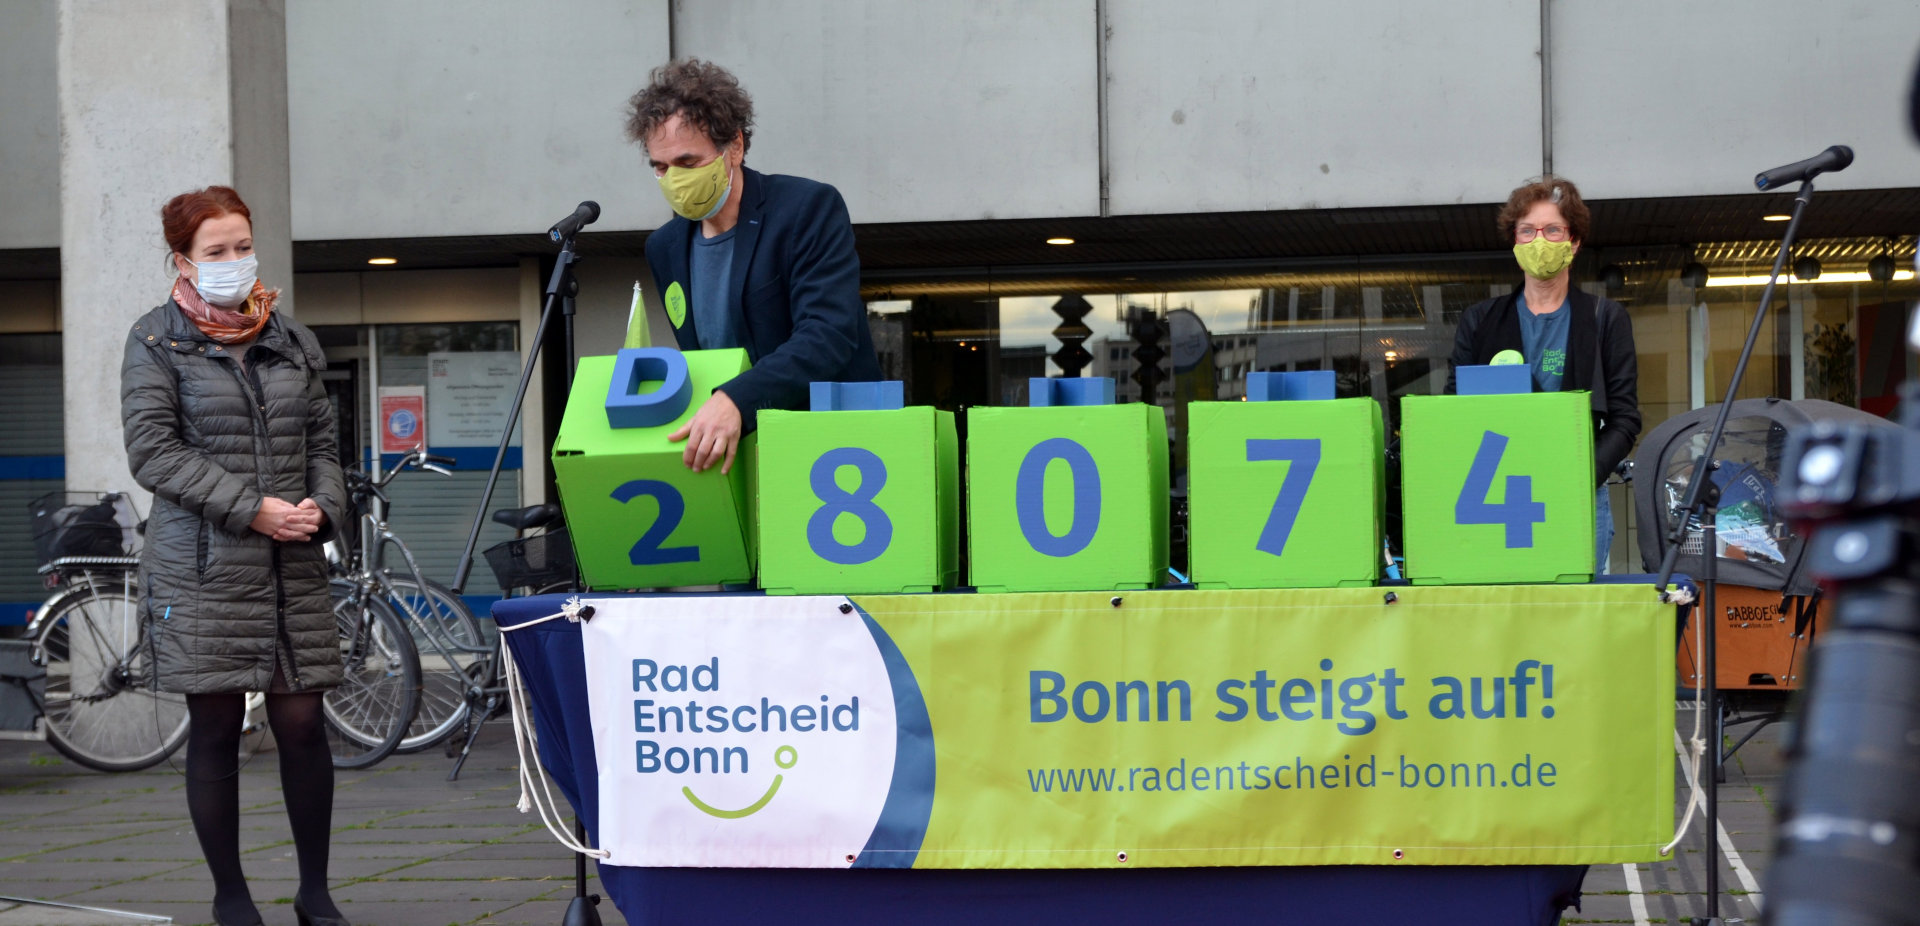 Ein Mann dreht Kisten um, sodass die Zahl 28.074 erscheint.